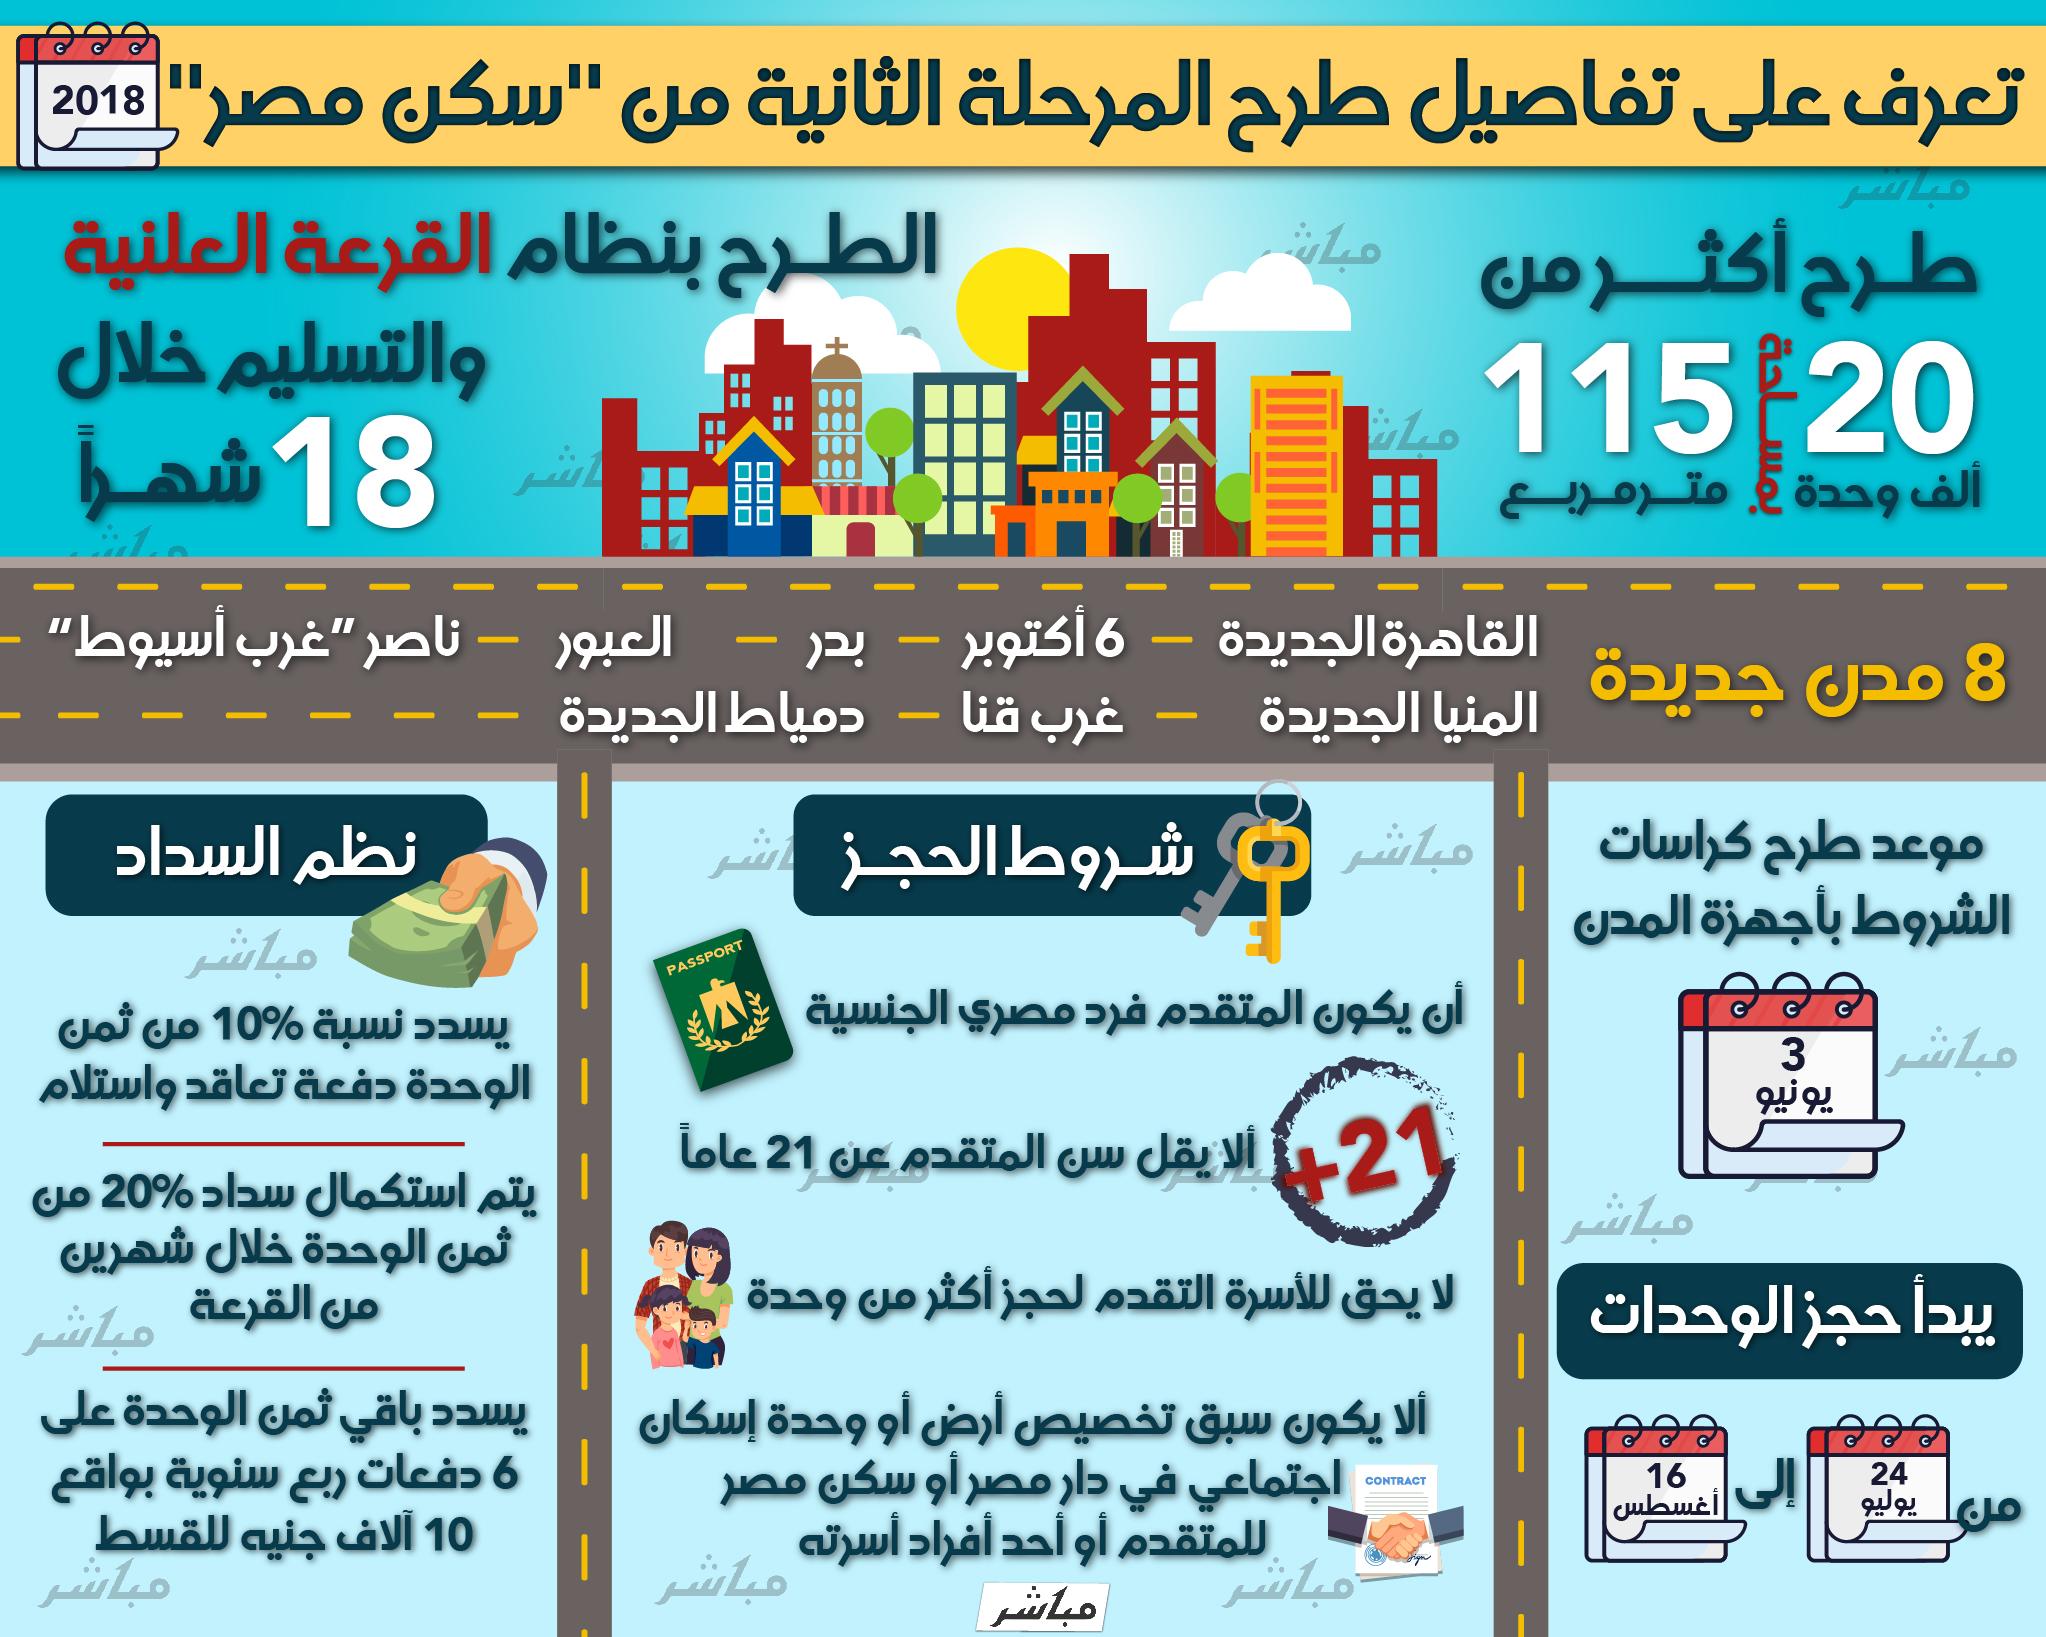 إنفوجراف تفاصيل المرحلة الثانية من مشروع سكن مصر معلومات